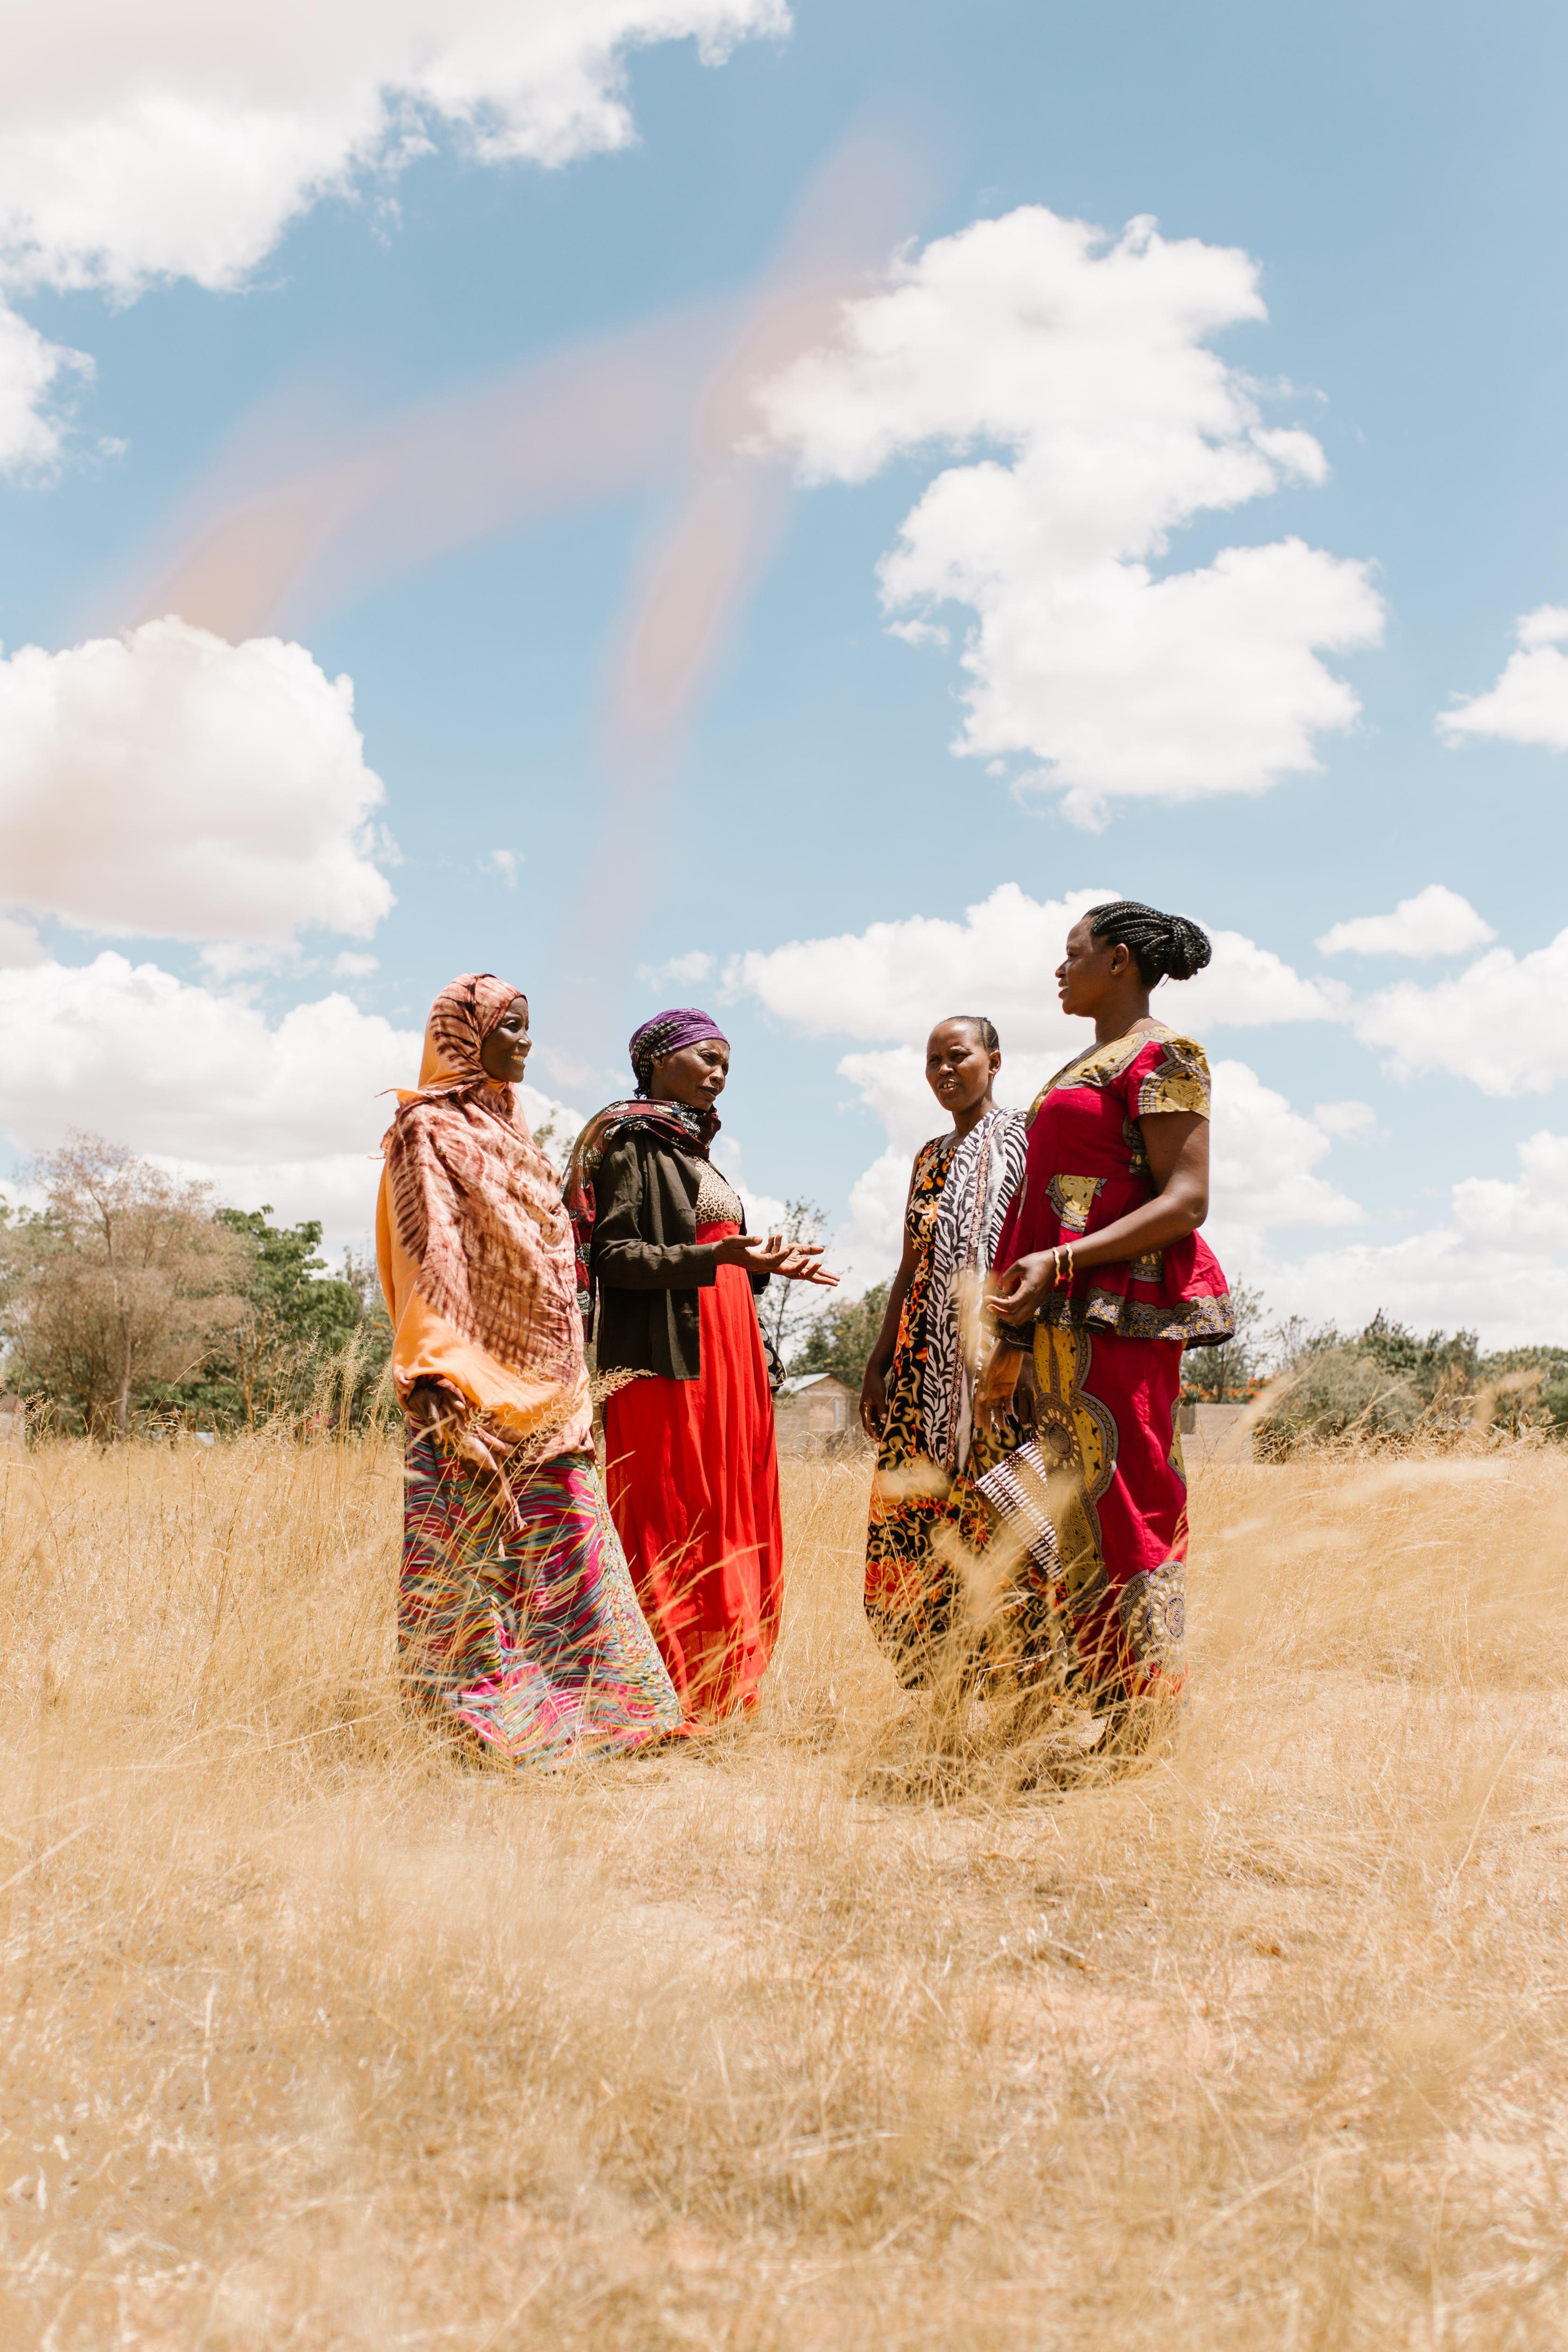 Fridian fra Tanzania står i en åker sammen med tre andre kvinner og snakker med dem om skadene kjønnslemlestelse av jenter. Foto av Sam Vox.